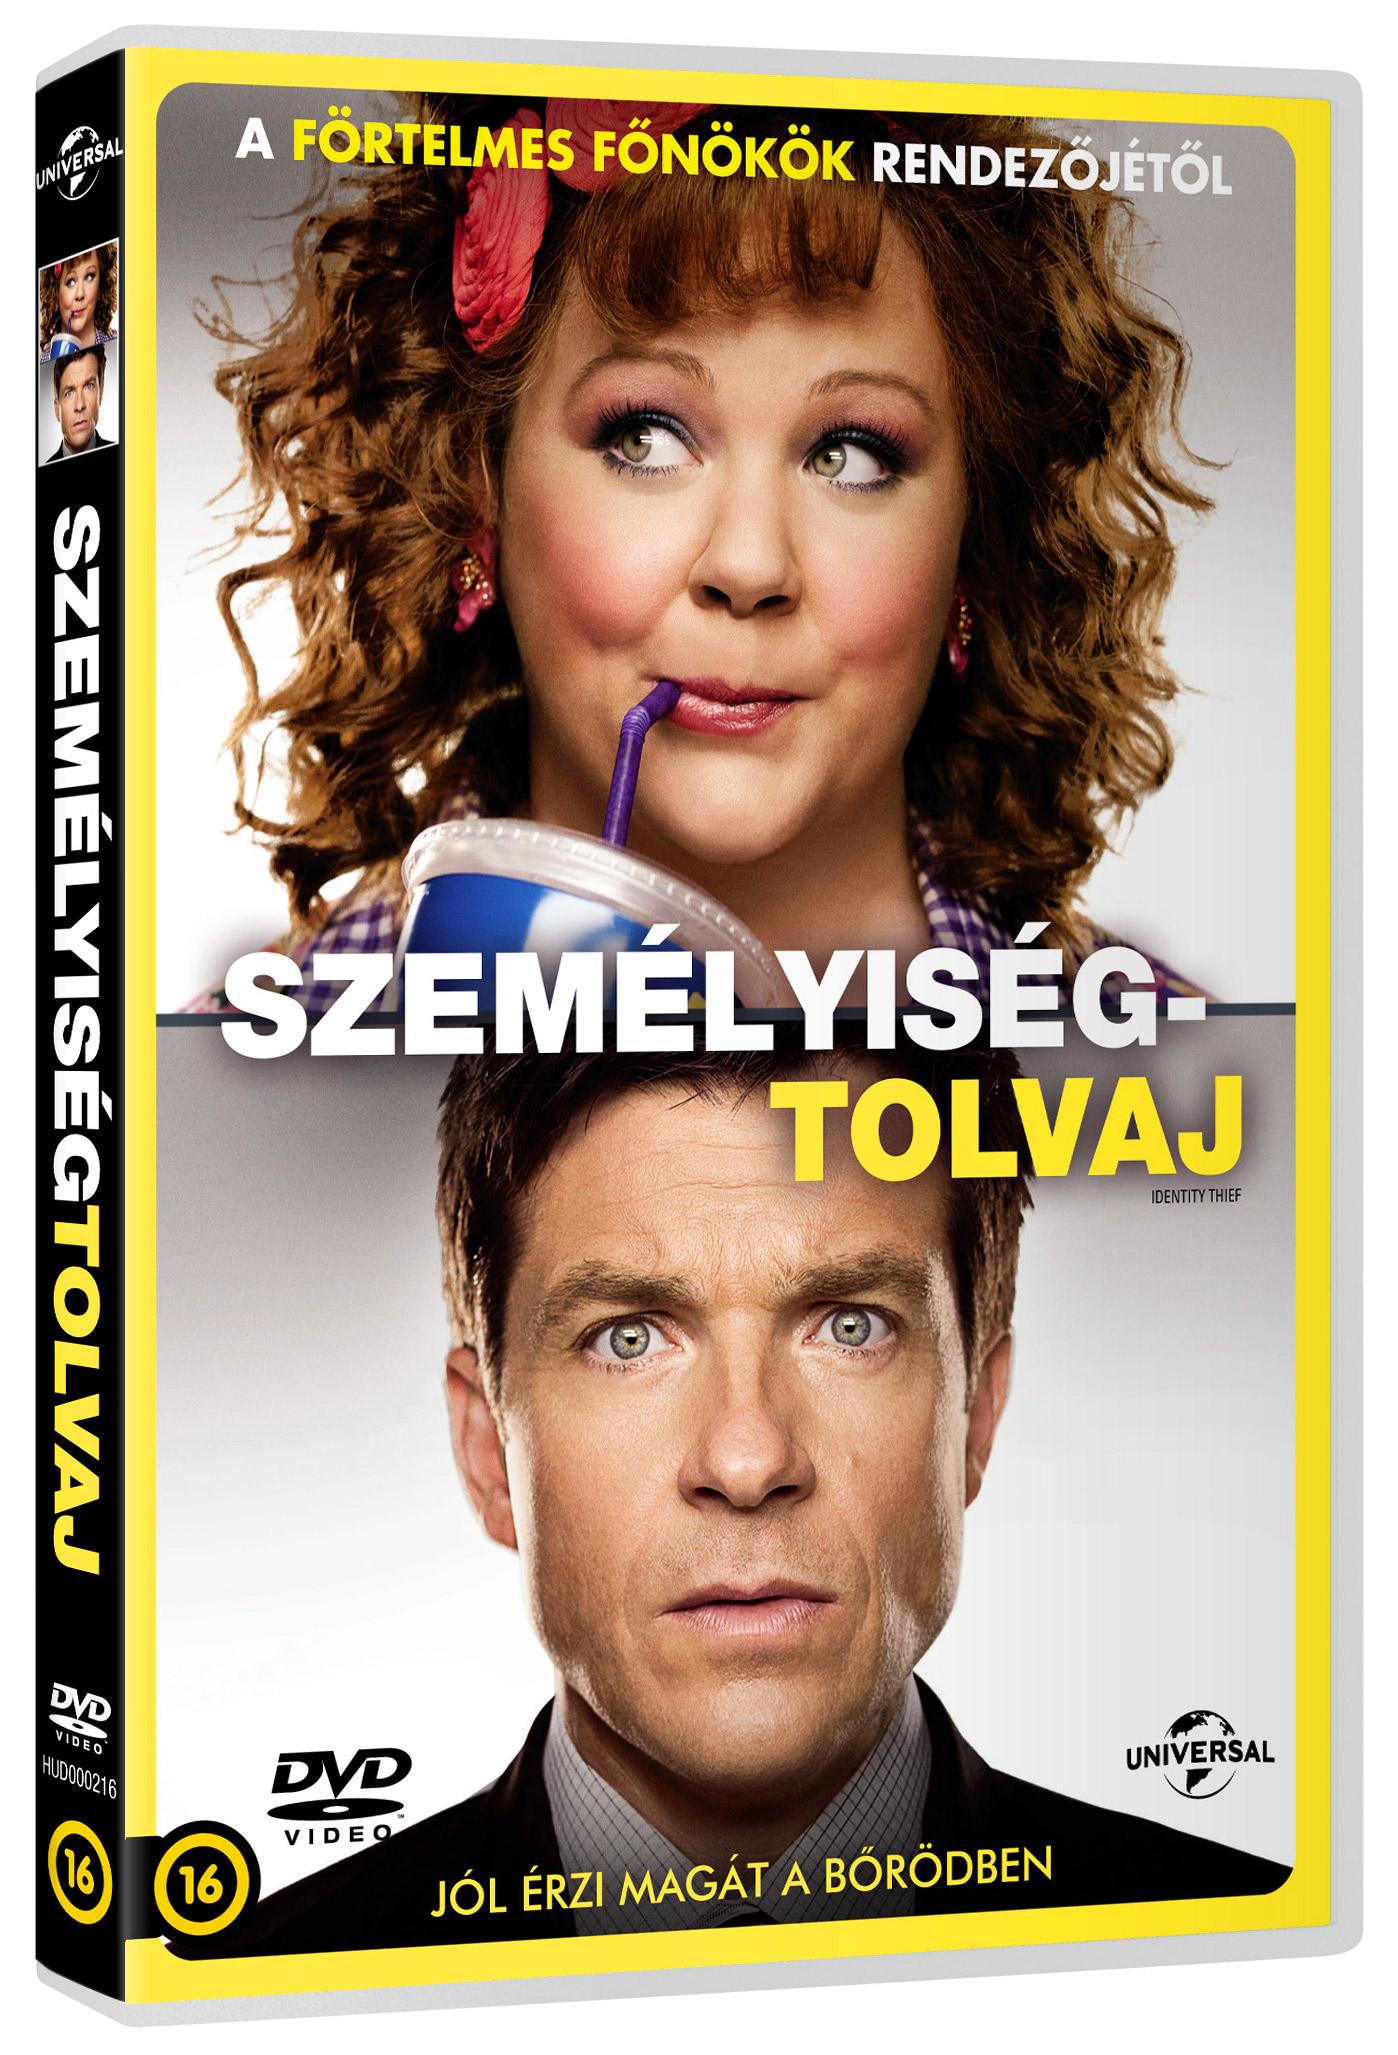 Személyiségtolvaj DVD